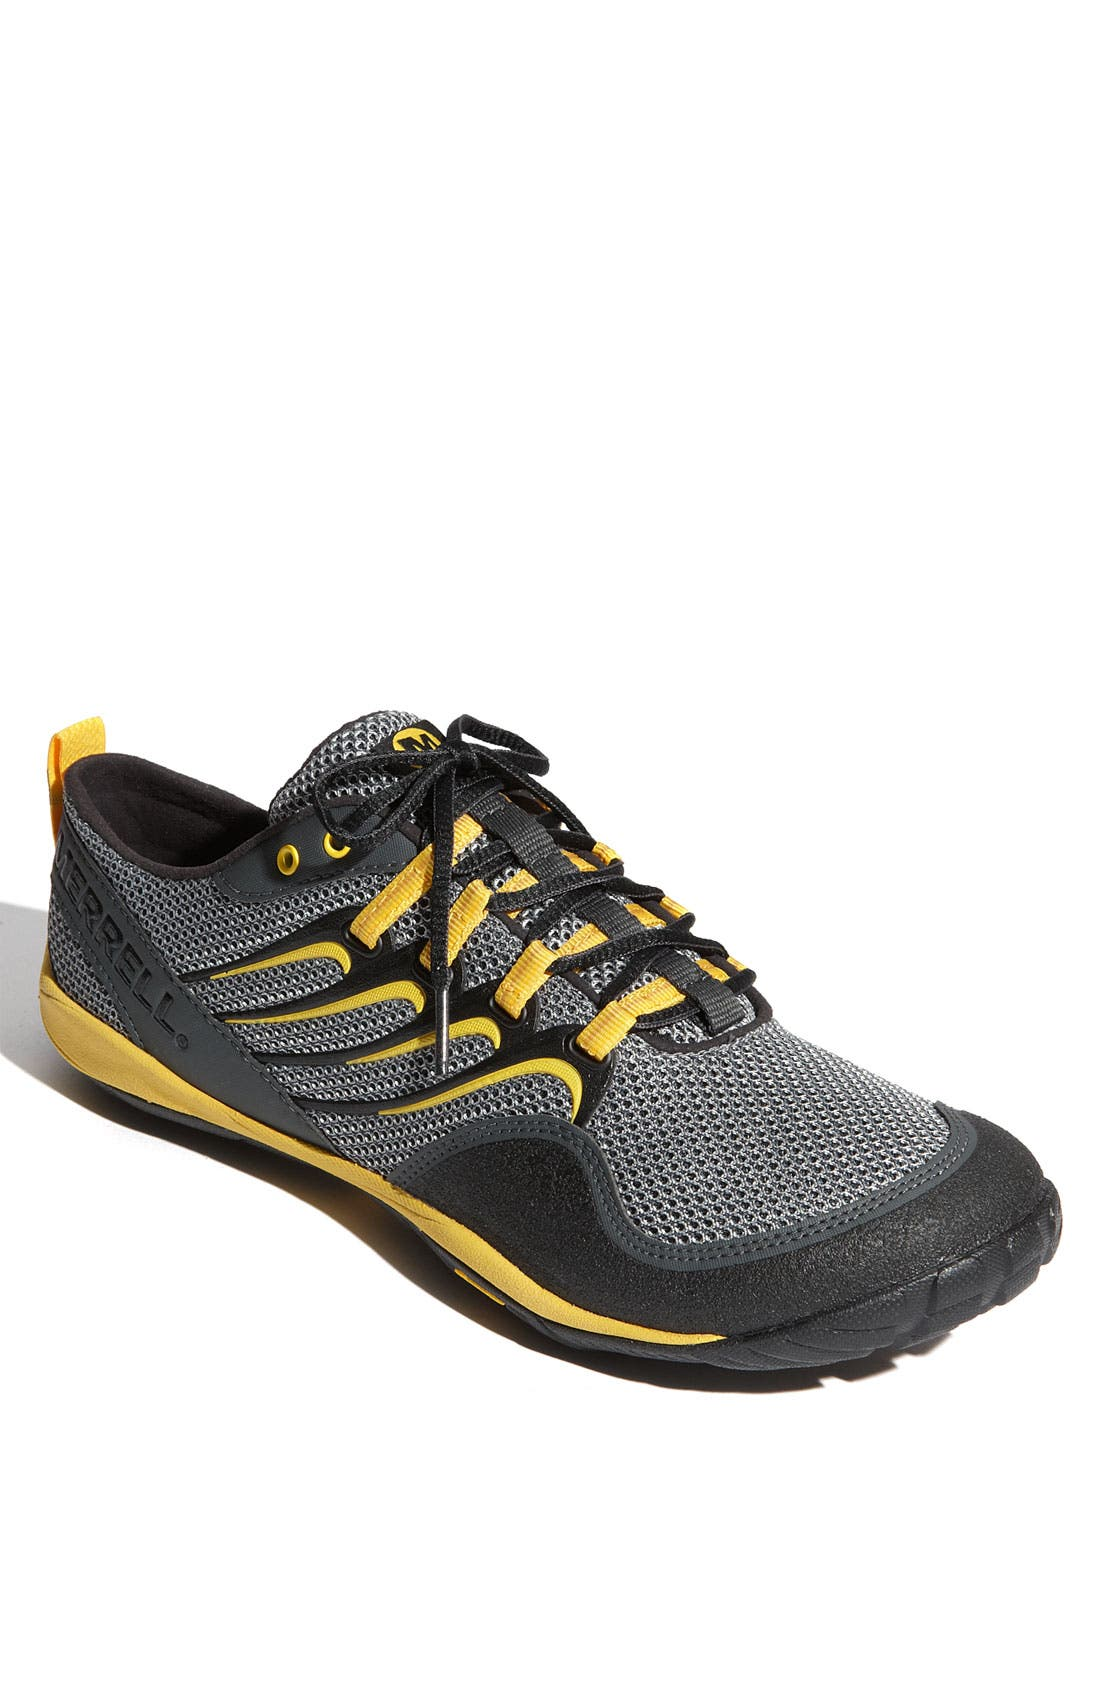 Alternate Image 1 Selected - Merrell 'Trail Glove' Running Shoe (Men)